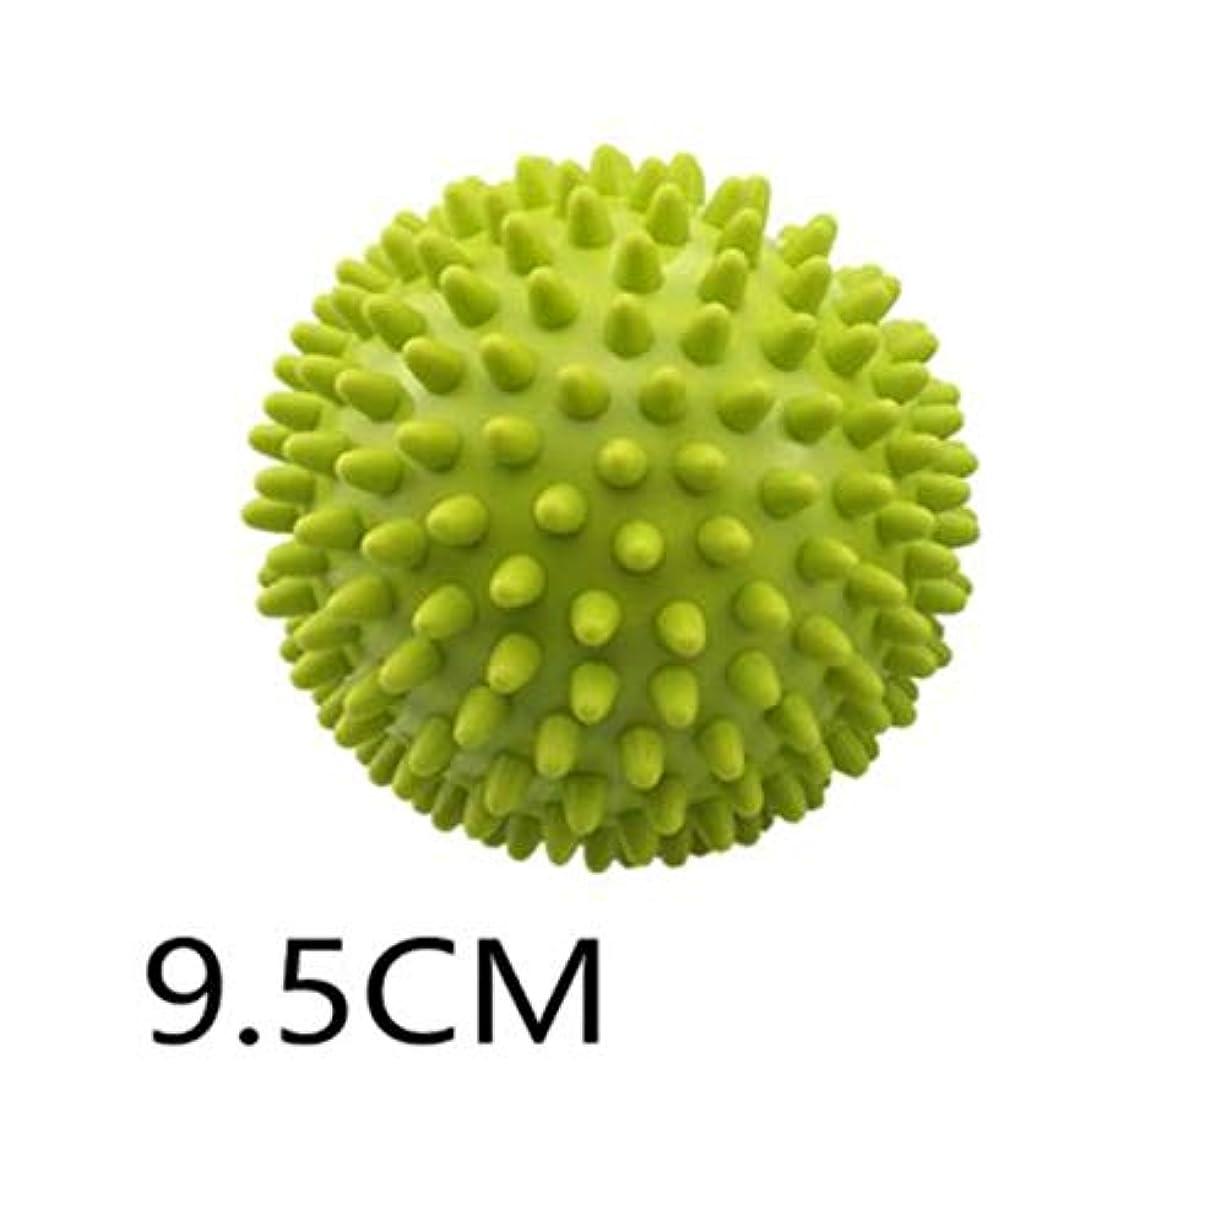 キャプチャー美的不振とげのボール - グリーン